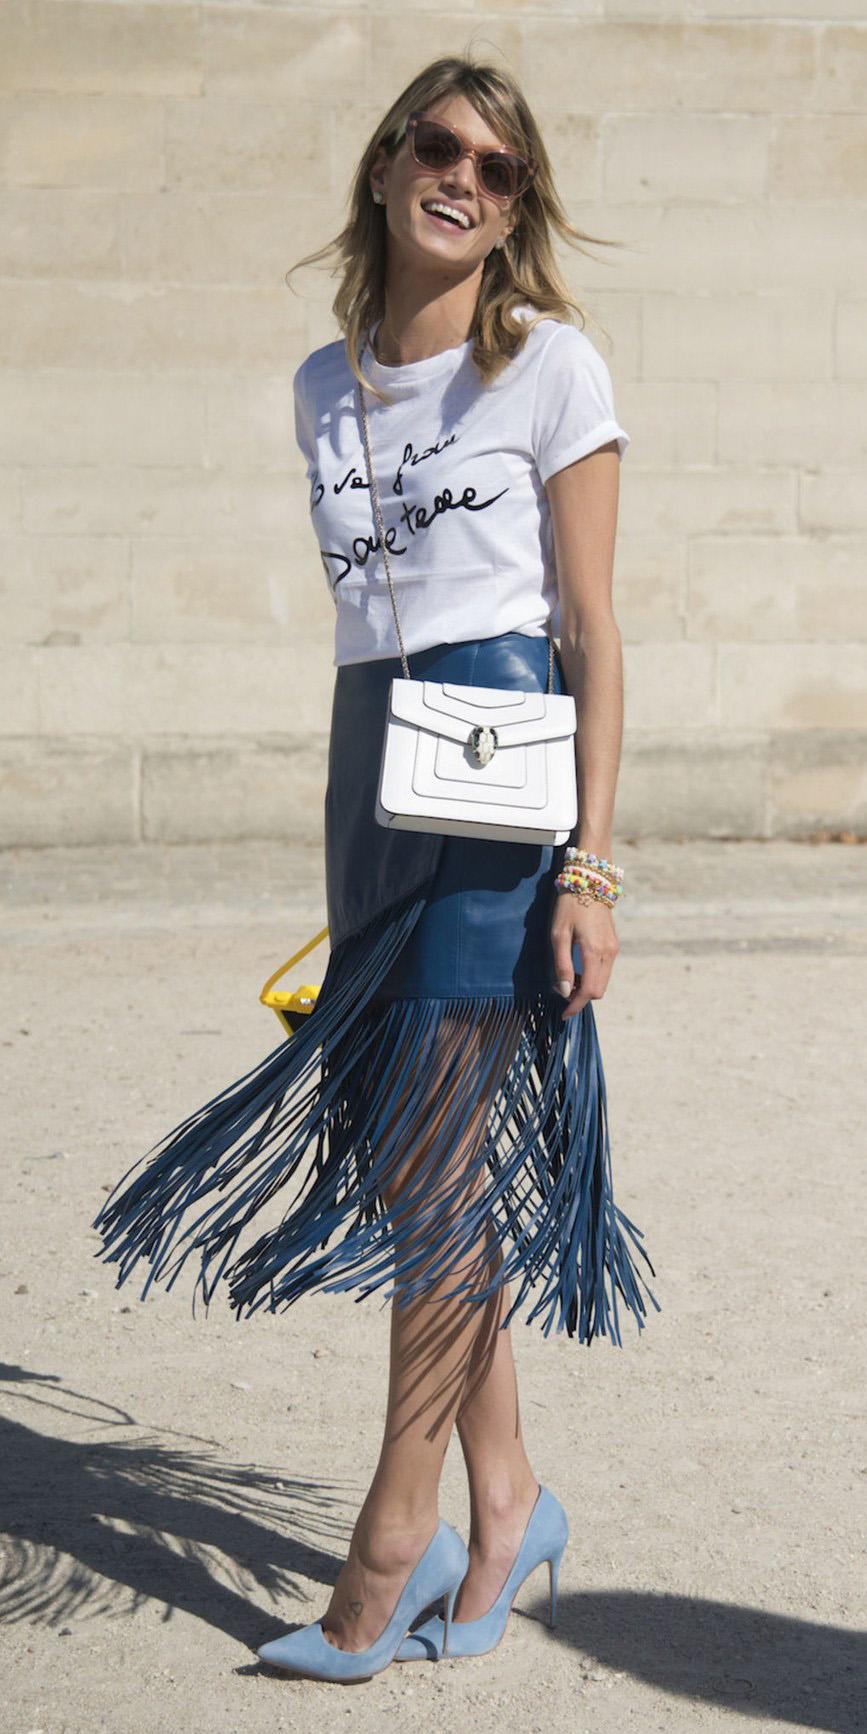 blue-med-midi-skirt-fringe-carwash-white-bag-white-graphic-tee-blonde-sun-blue-shoe-pumps-bracelet-spring-summer-lunch.jpg